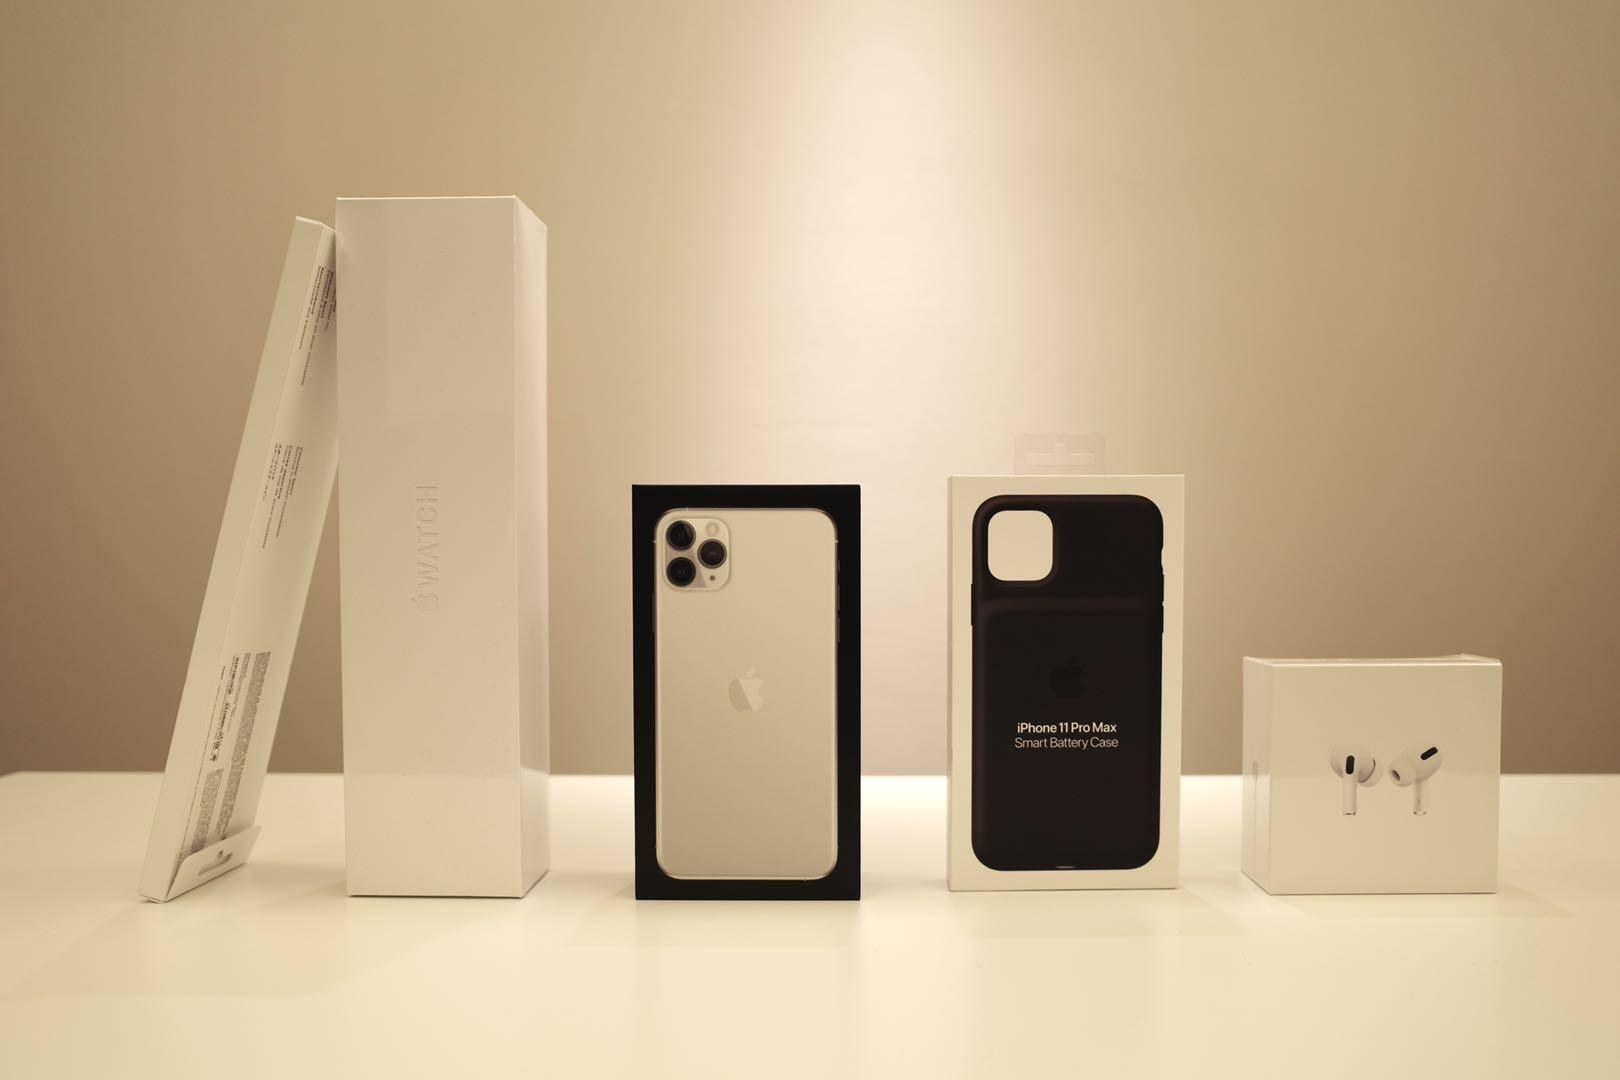 原创             一个十年 iPhone 使用者的「重新体验 iPhone」之旅